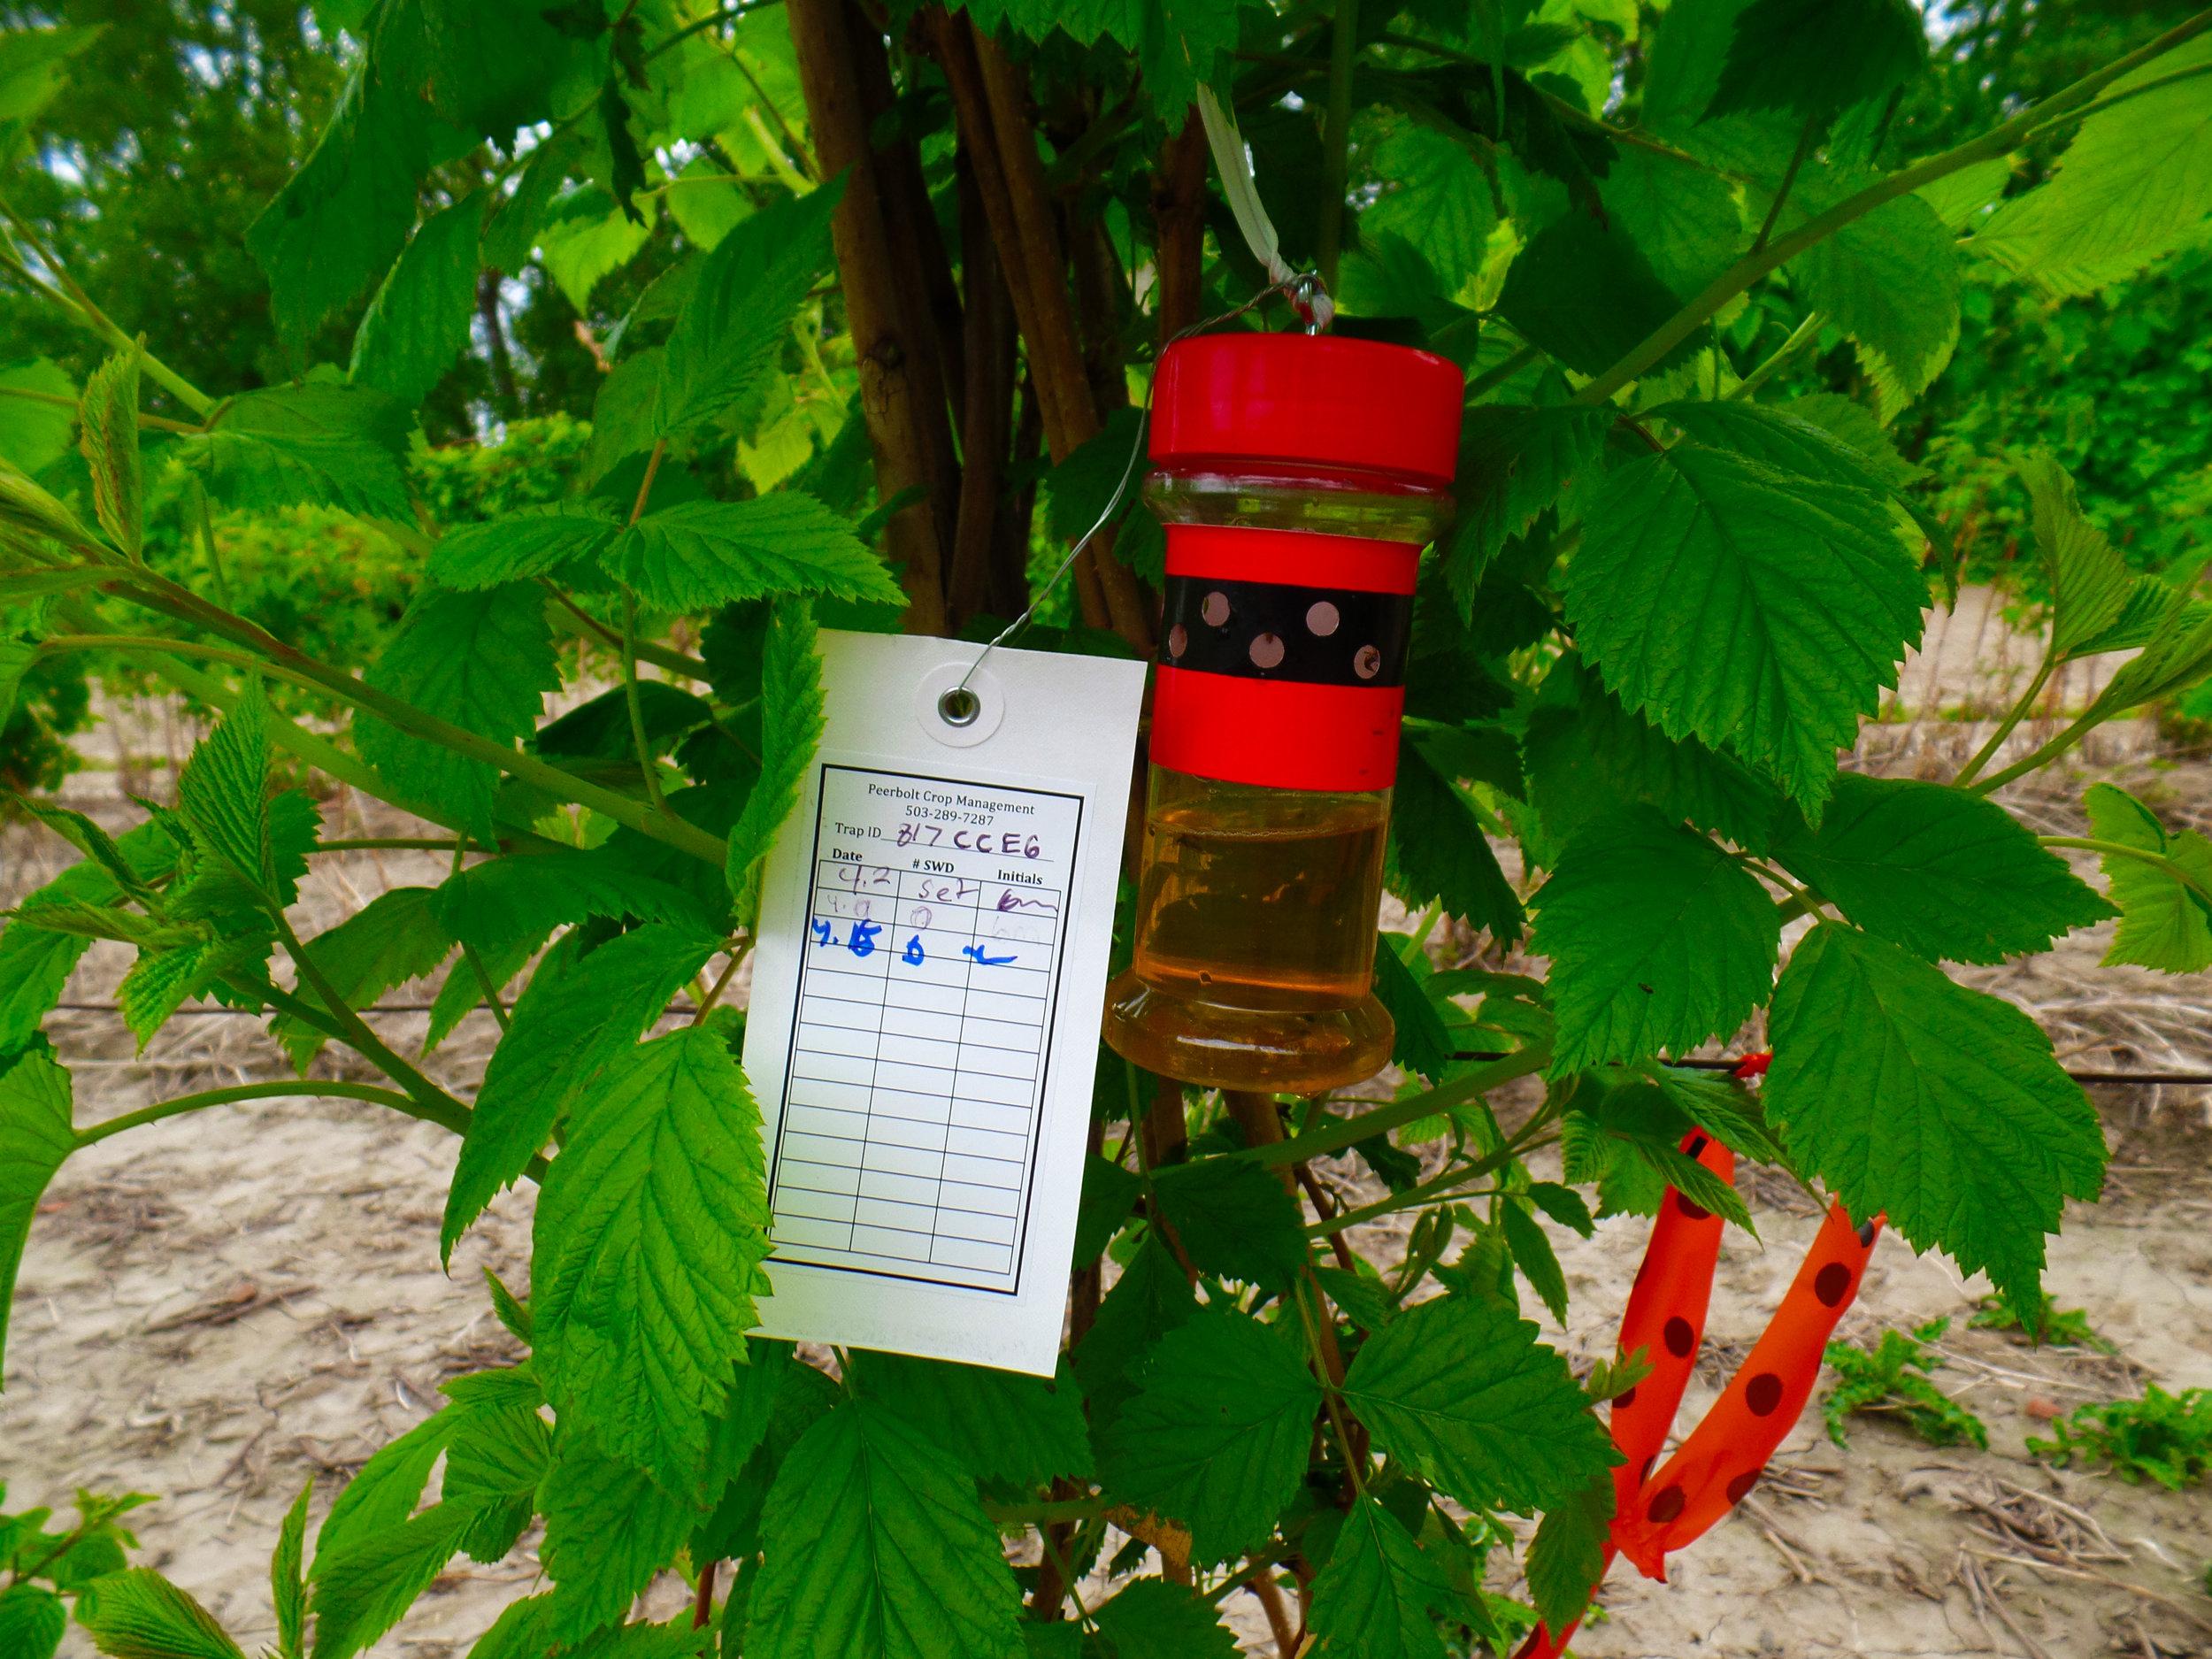 SWD trap 4-16-14 in raspberry 2.JPG